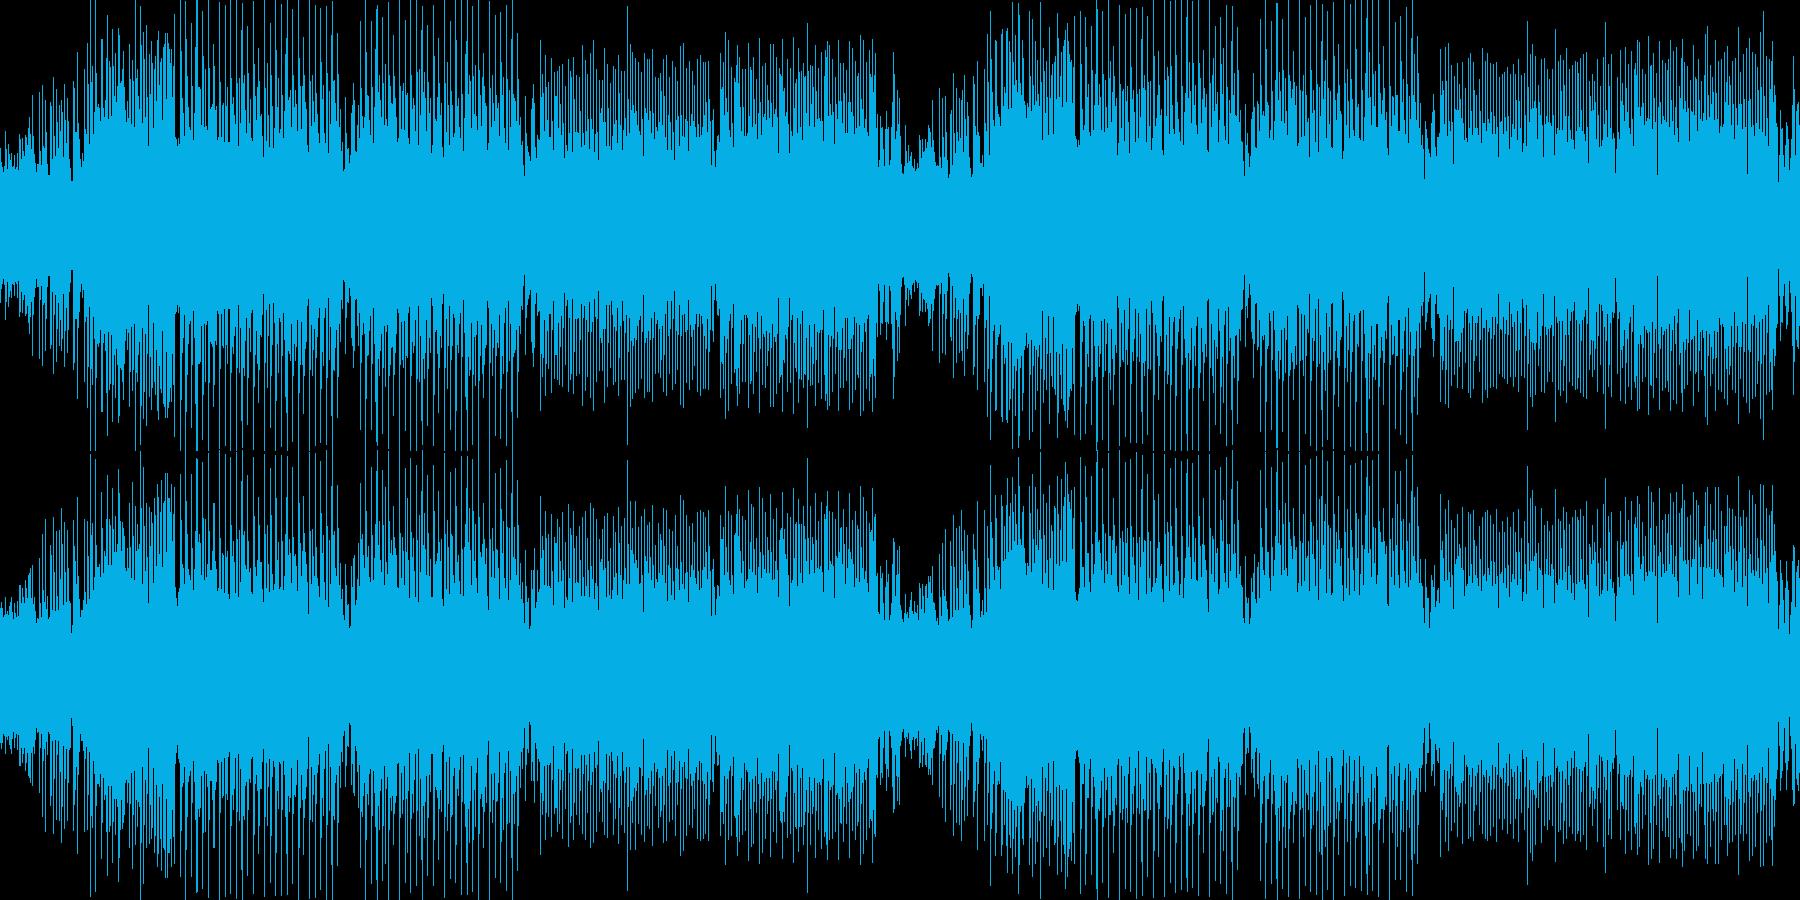 和風・わくわく軽快・楽しい三味線EDMの再生済みの波形